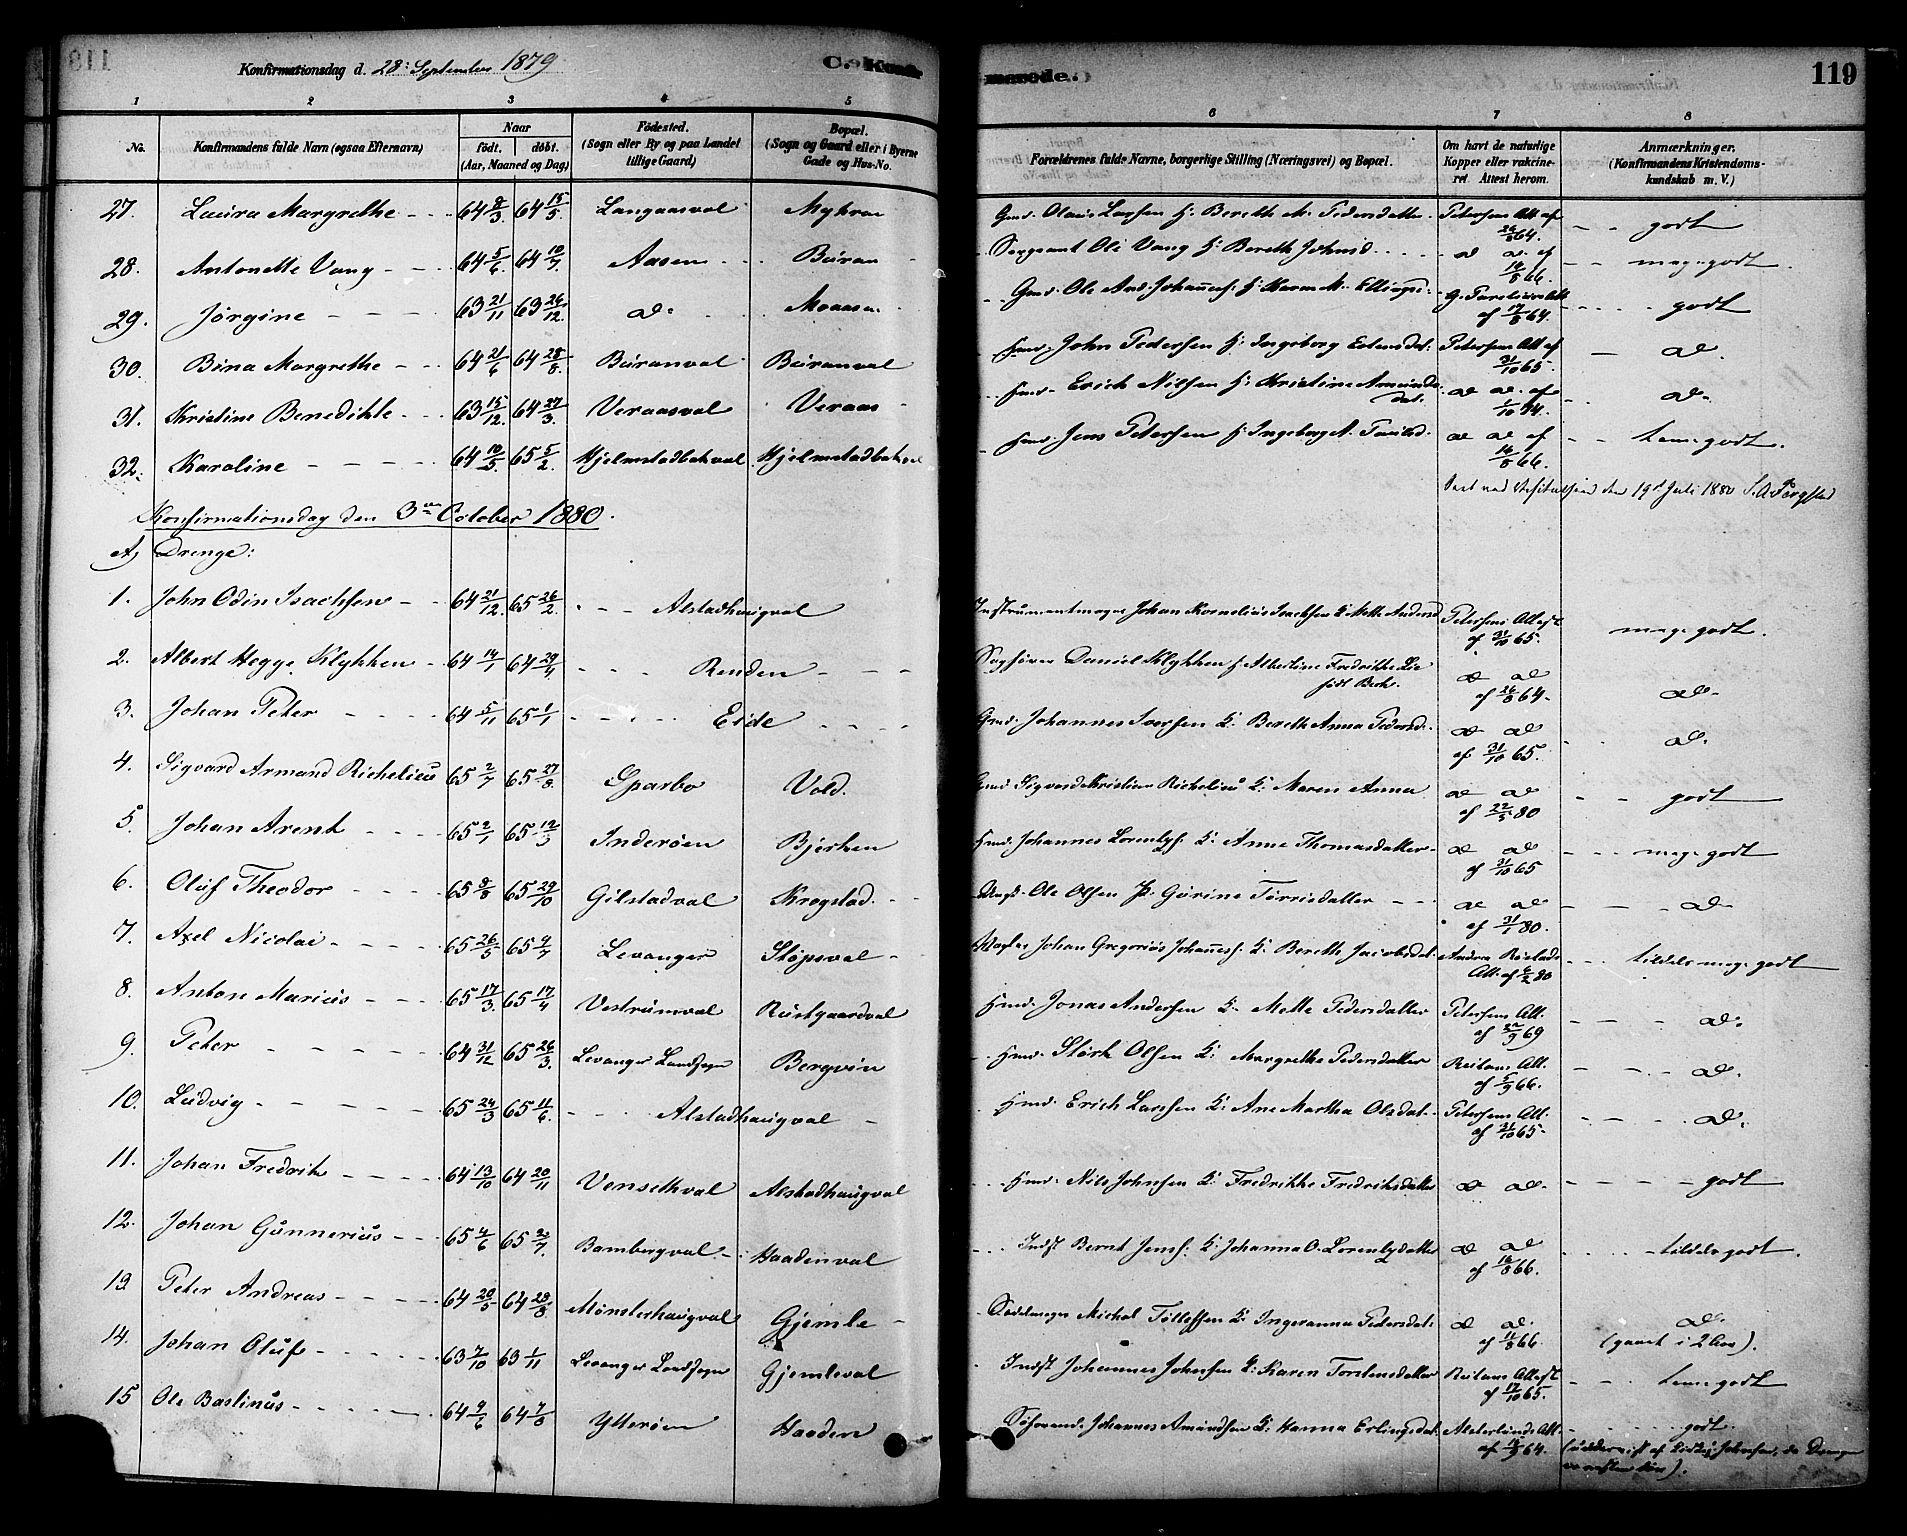 SAT, Ministerialprotokoller, klokkerbøker og fødselsregistre - Nord-Trøndelag, 717/L0159: Ministerialbok nr. 717A09, 1878-1898, s. 119